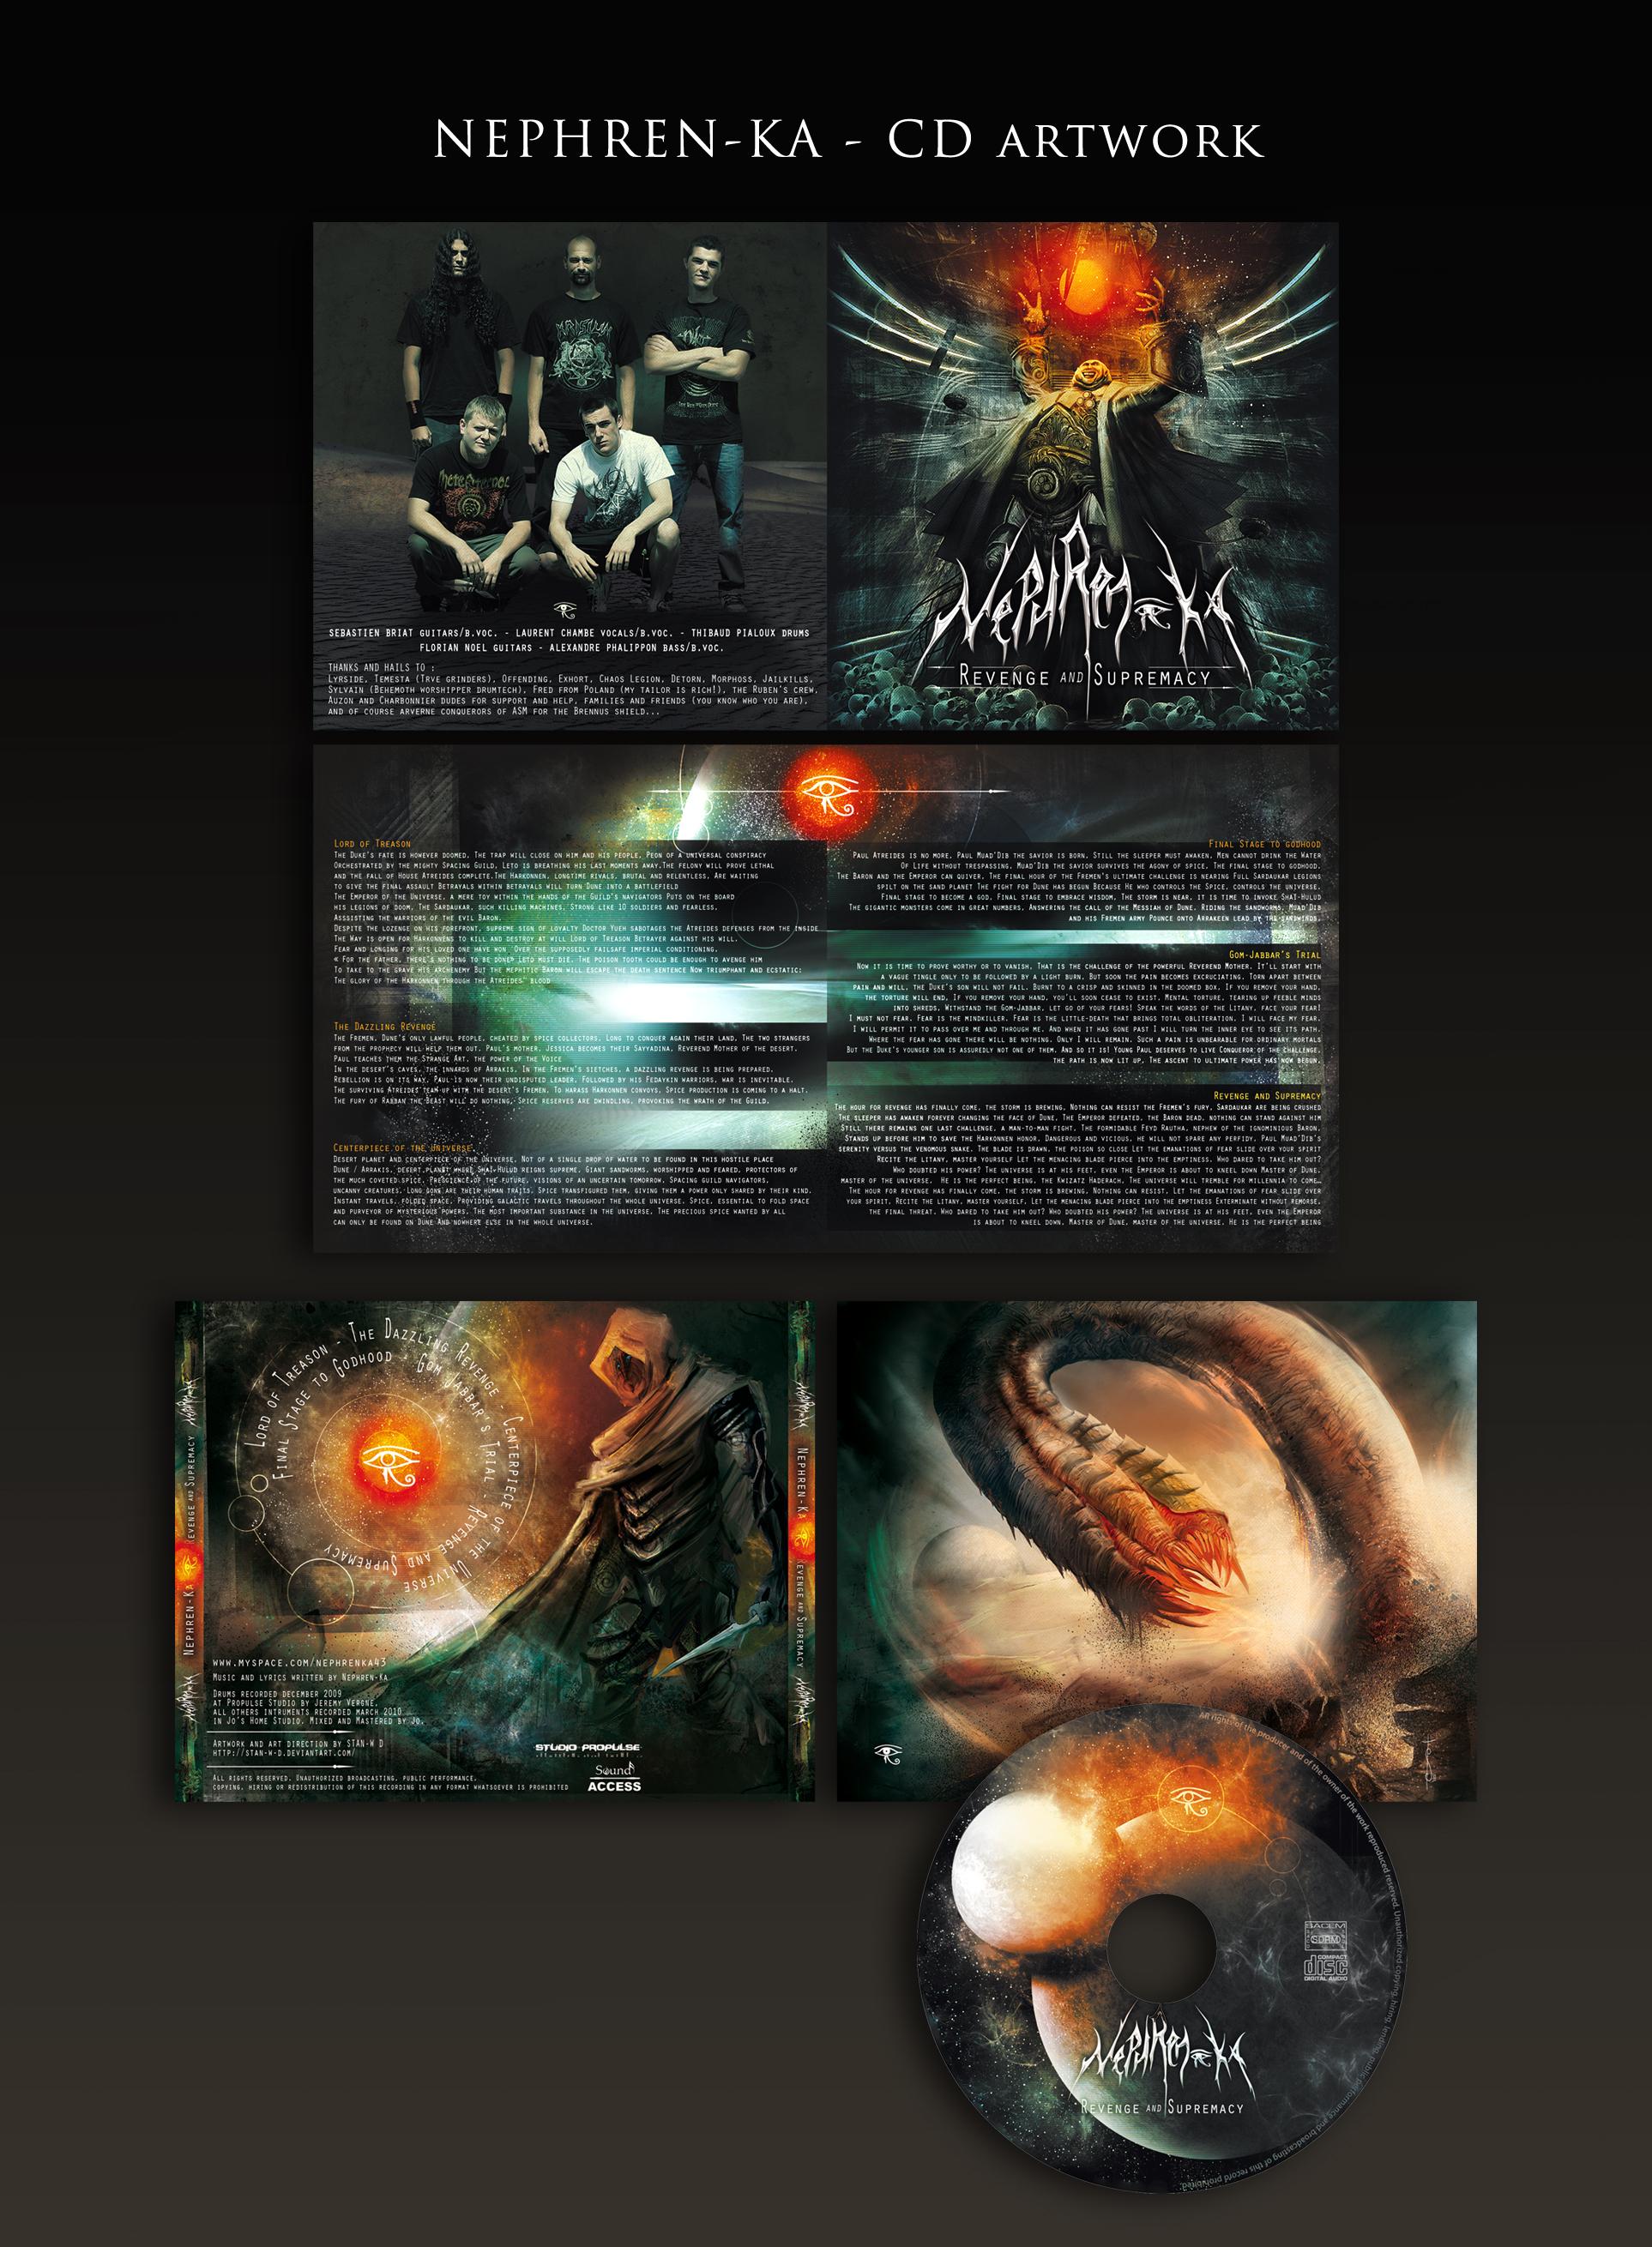 NEPHREN-KA - Cover - CD layout by stan-w-d on DeviantArt